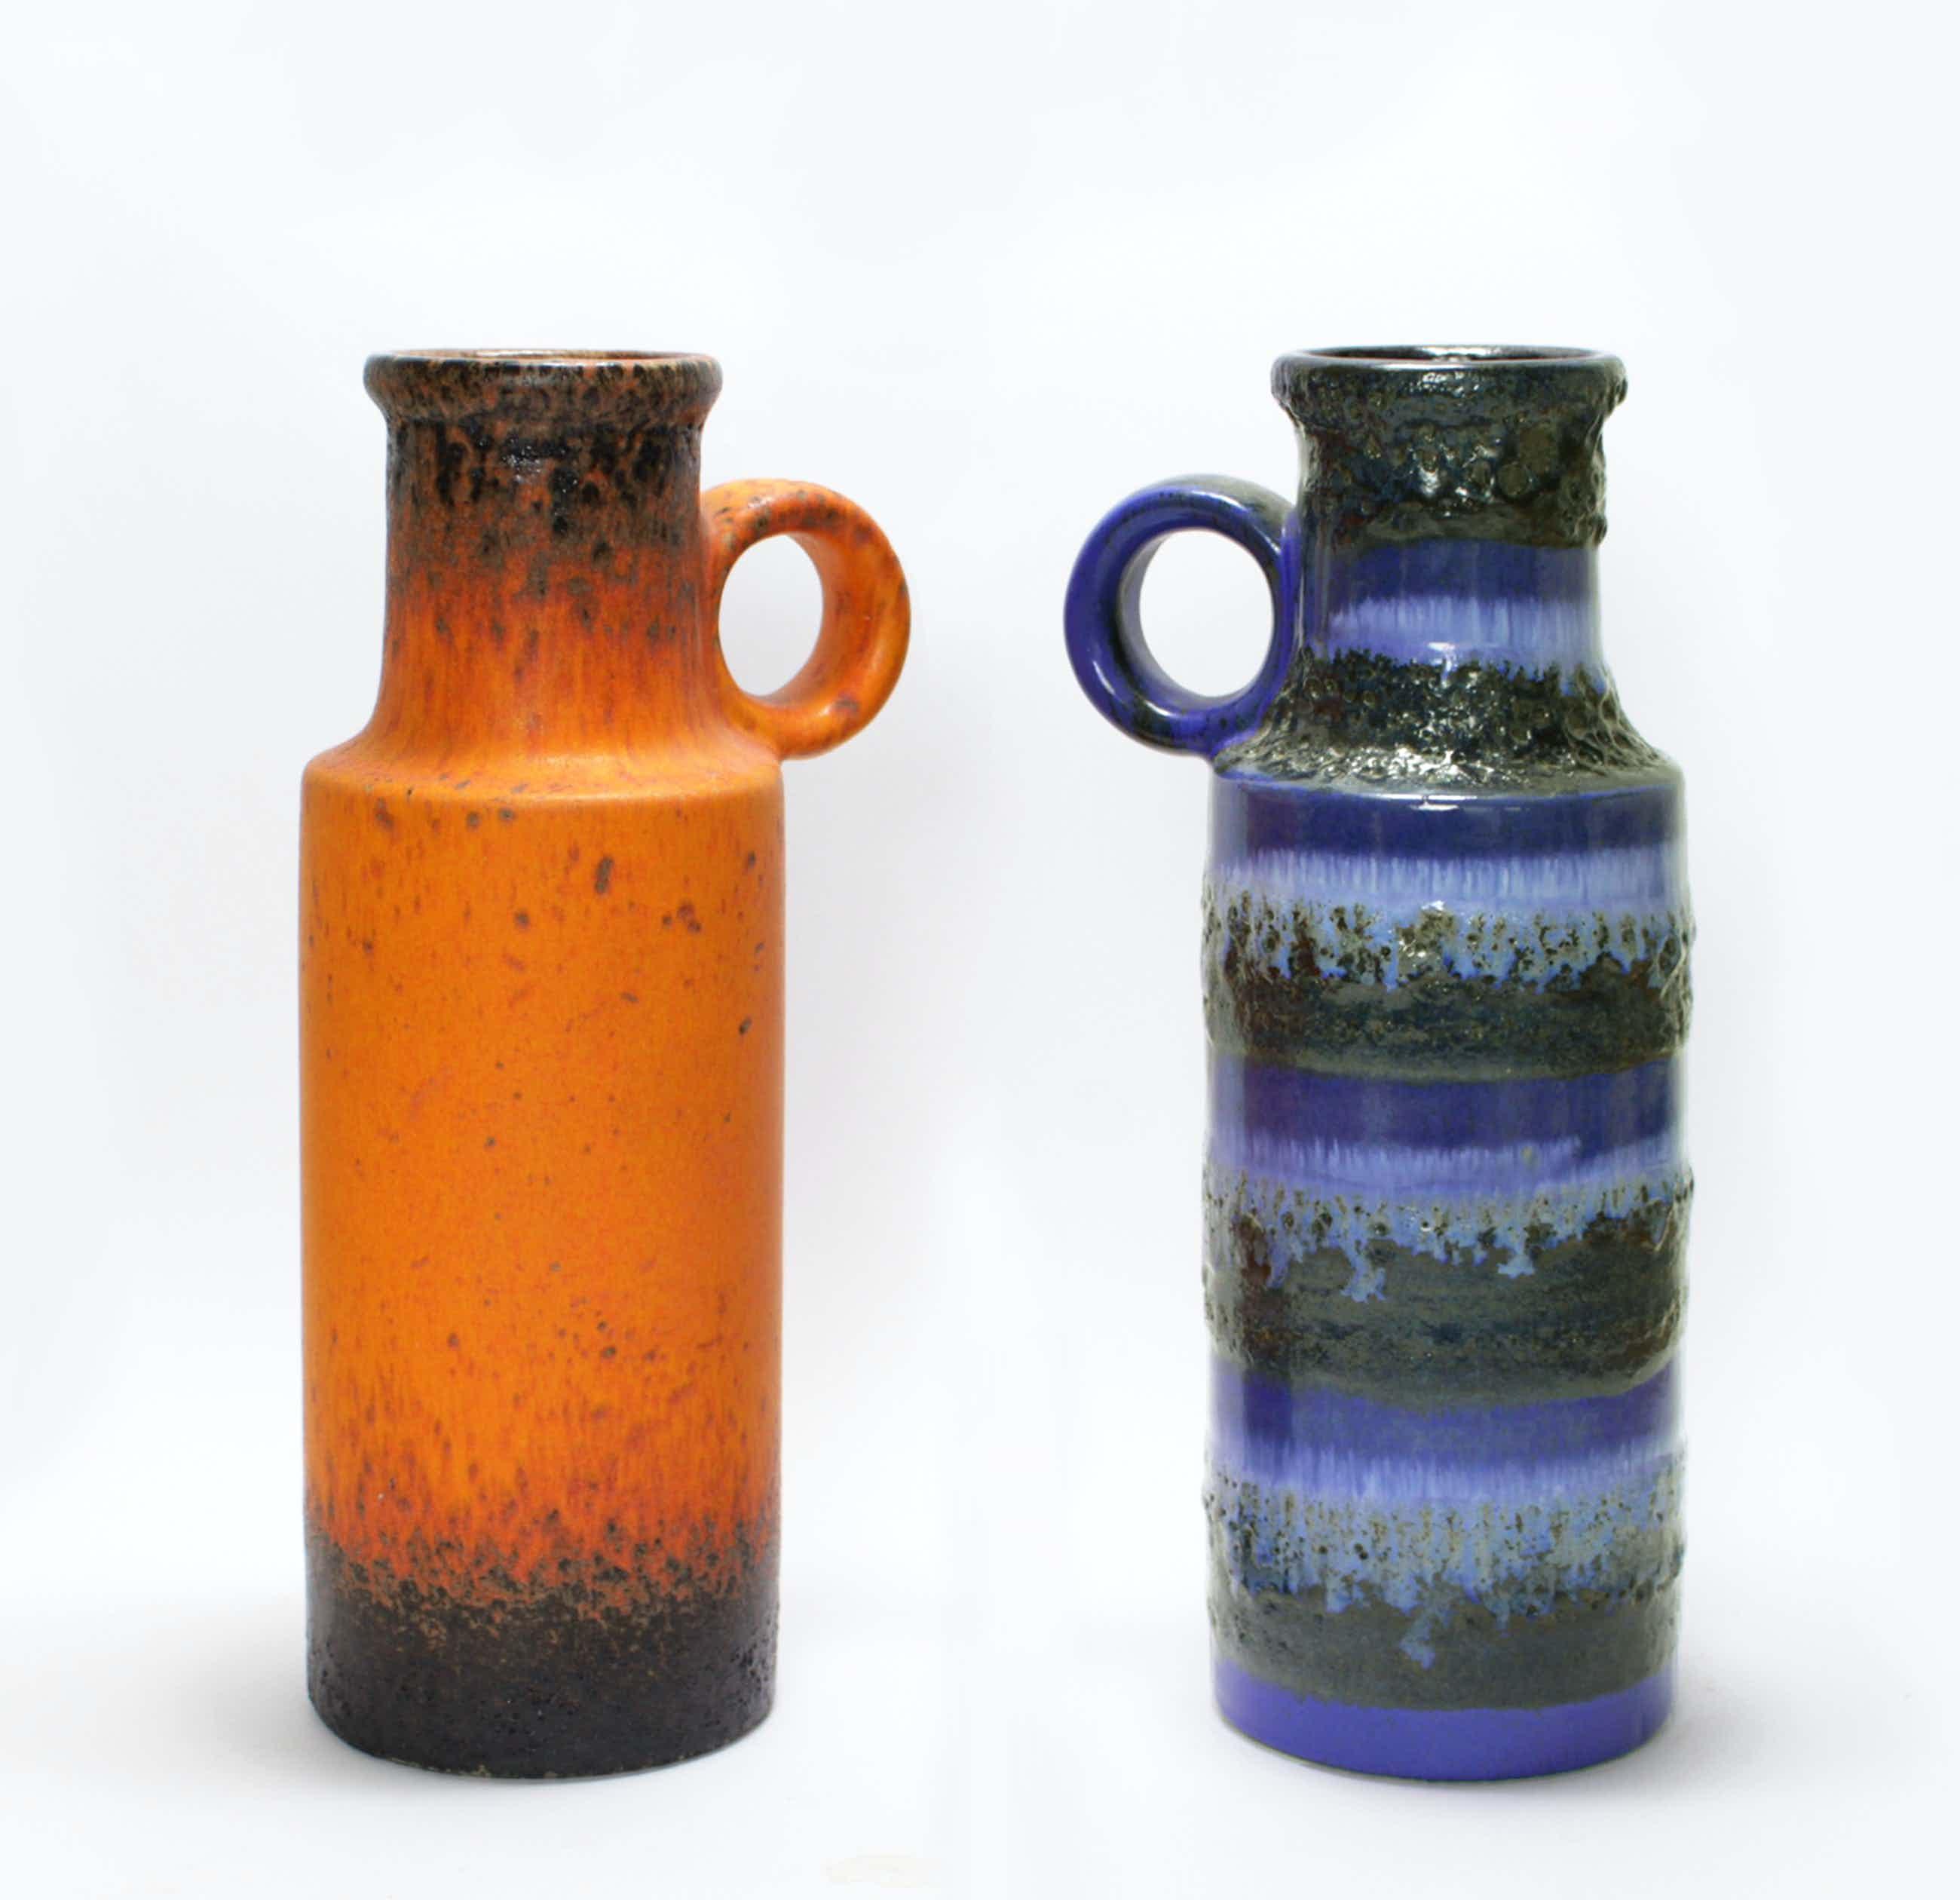 Scheurich Keramik - 2 Fat Lava vazen - model 401/28 kopen? Bied vanaf 65!